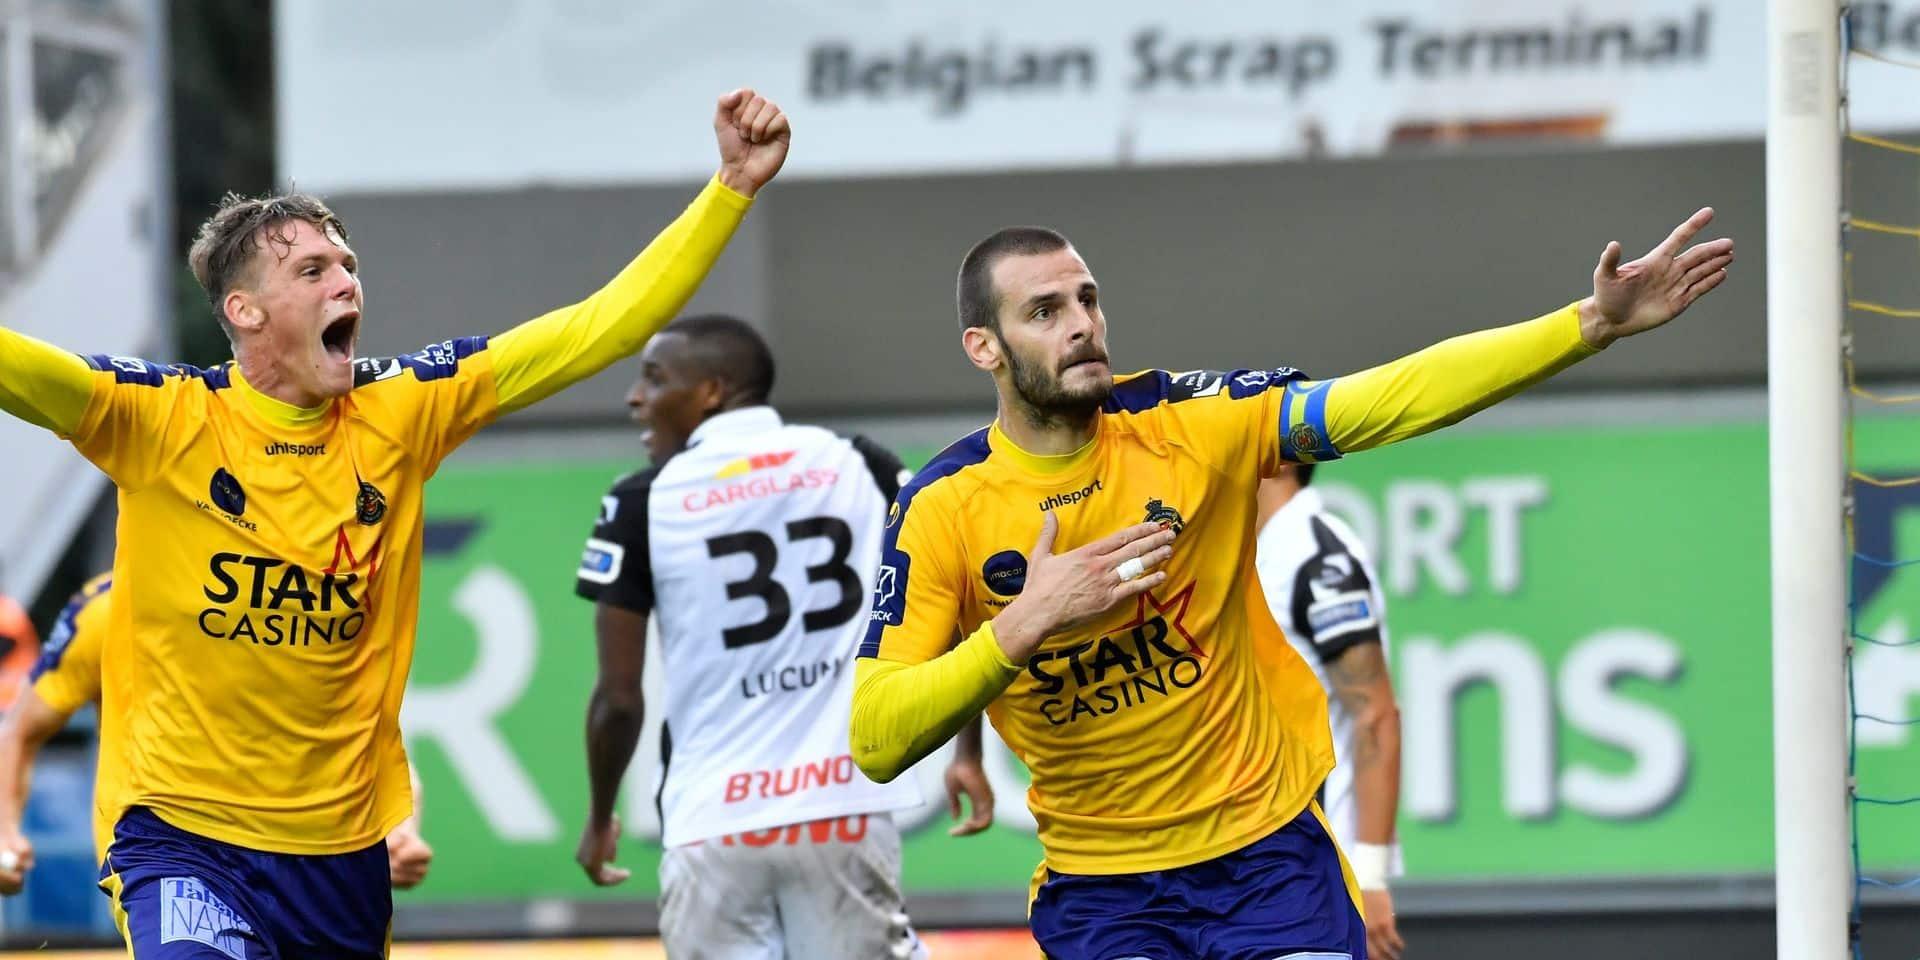 Genk accroché de justesse à Waasland-Beveren (1-1), toujours pas de victoire pour Thorup